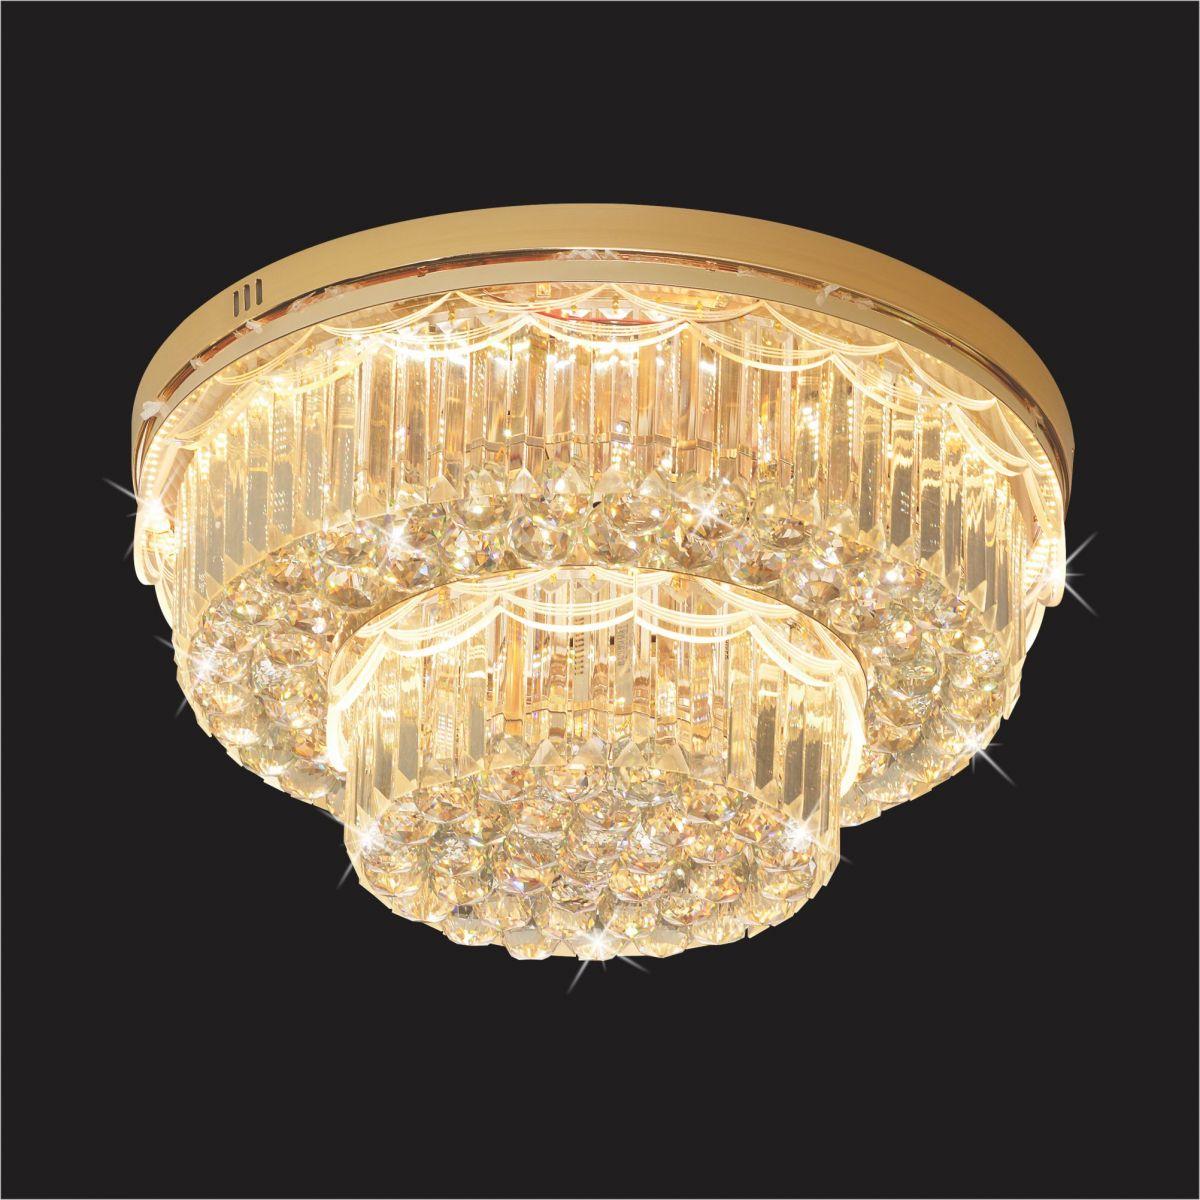 Đèn Mâm Pha Lê Hufa MLF 8018 Ø600xH300 LED SMD 99 HẠT T82